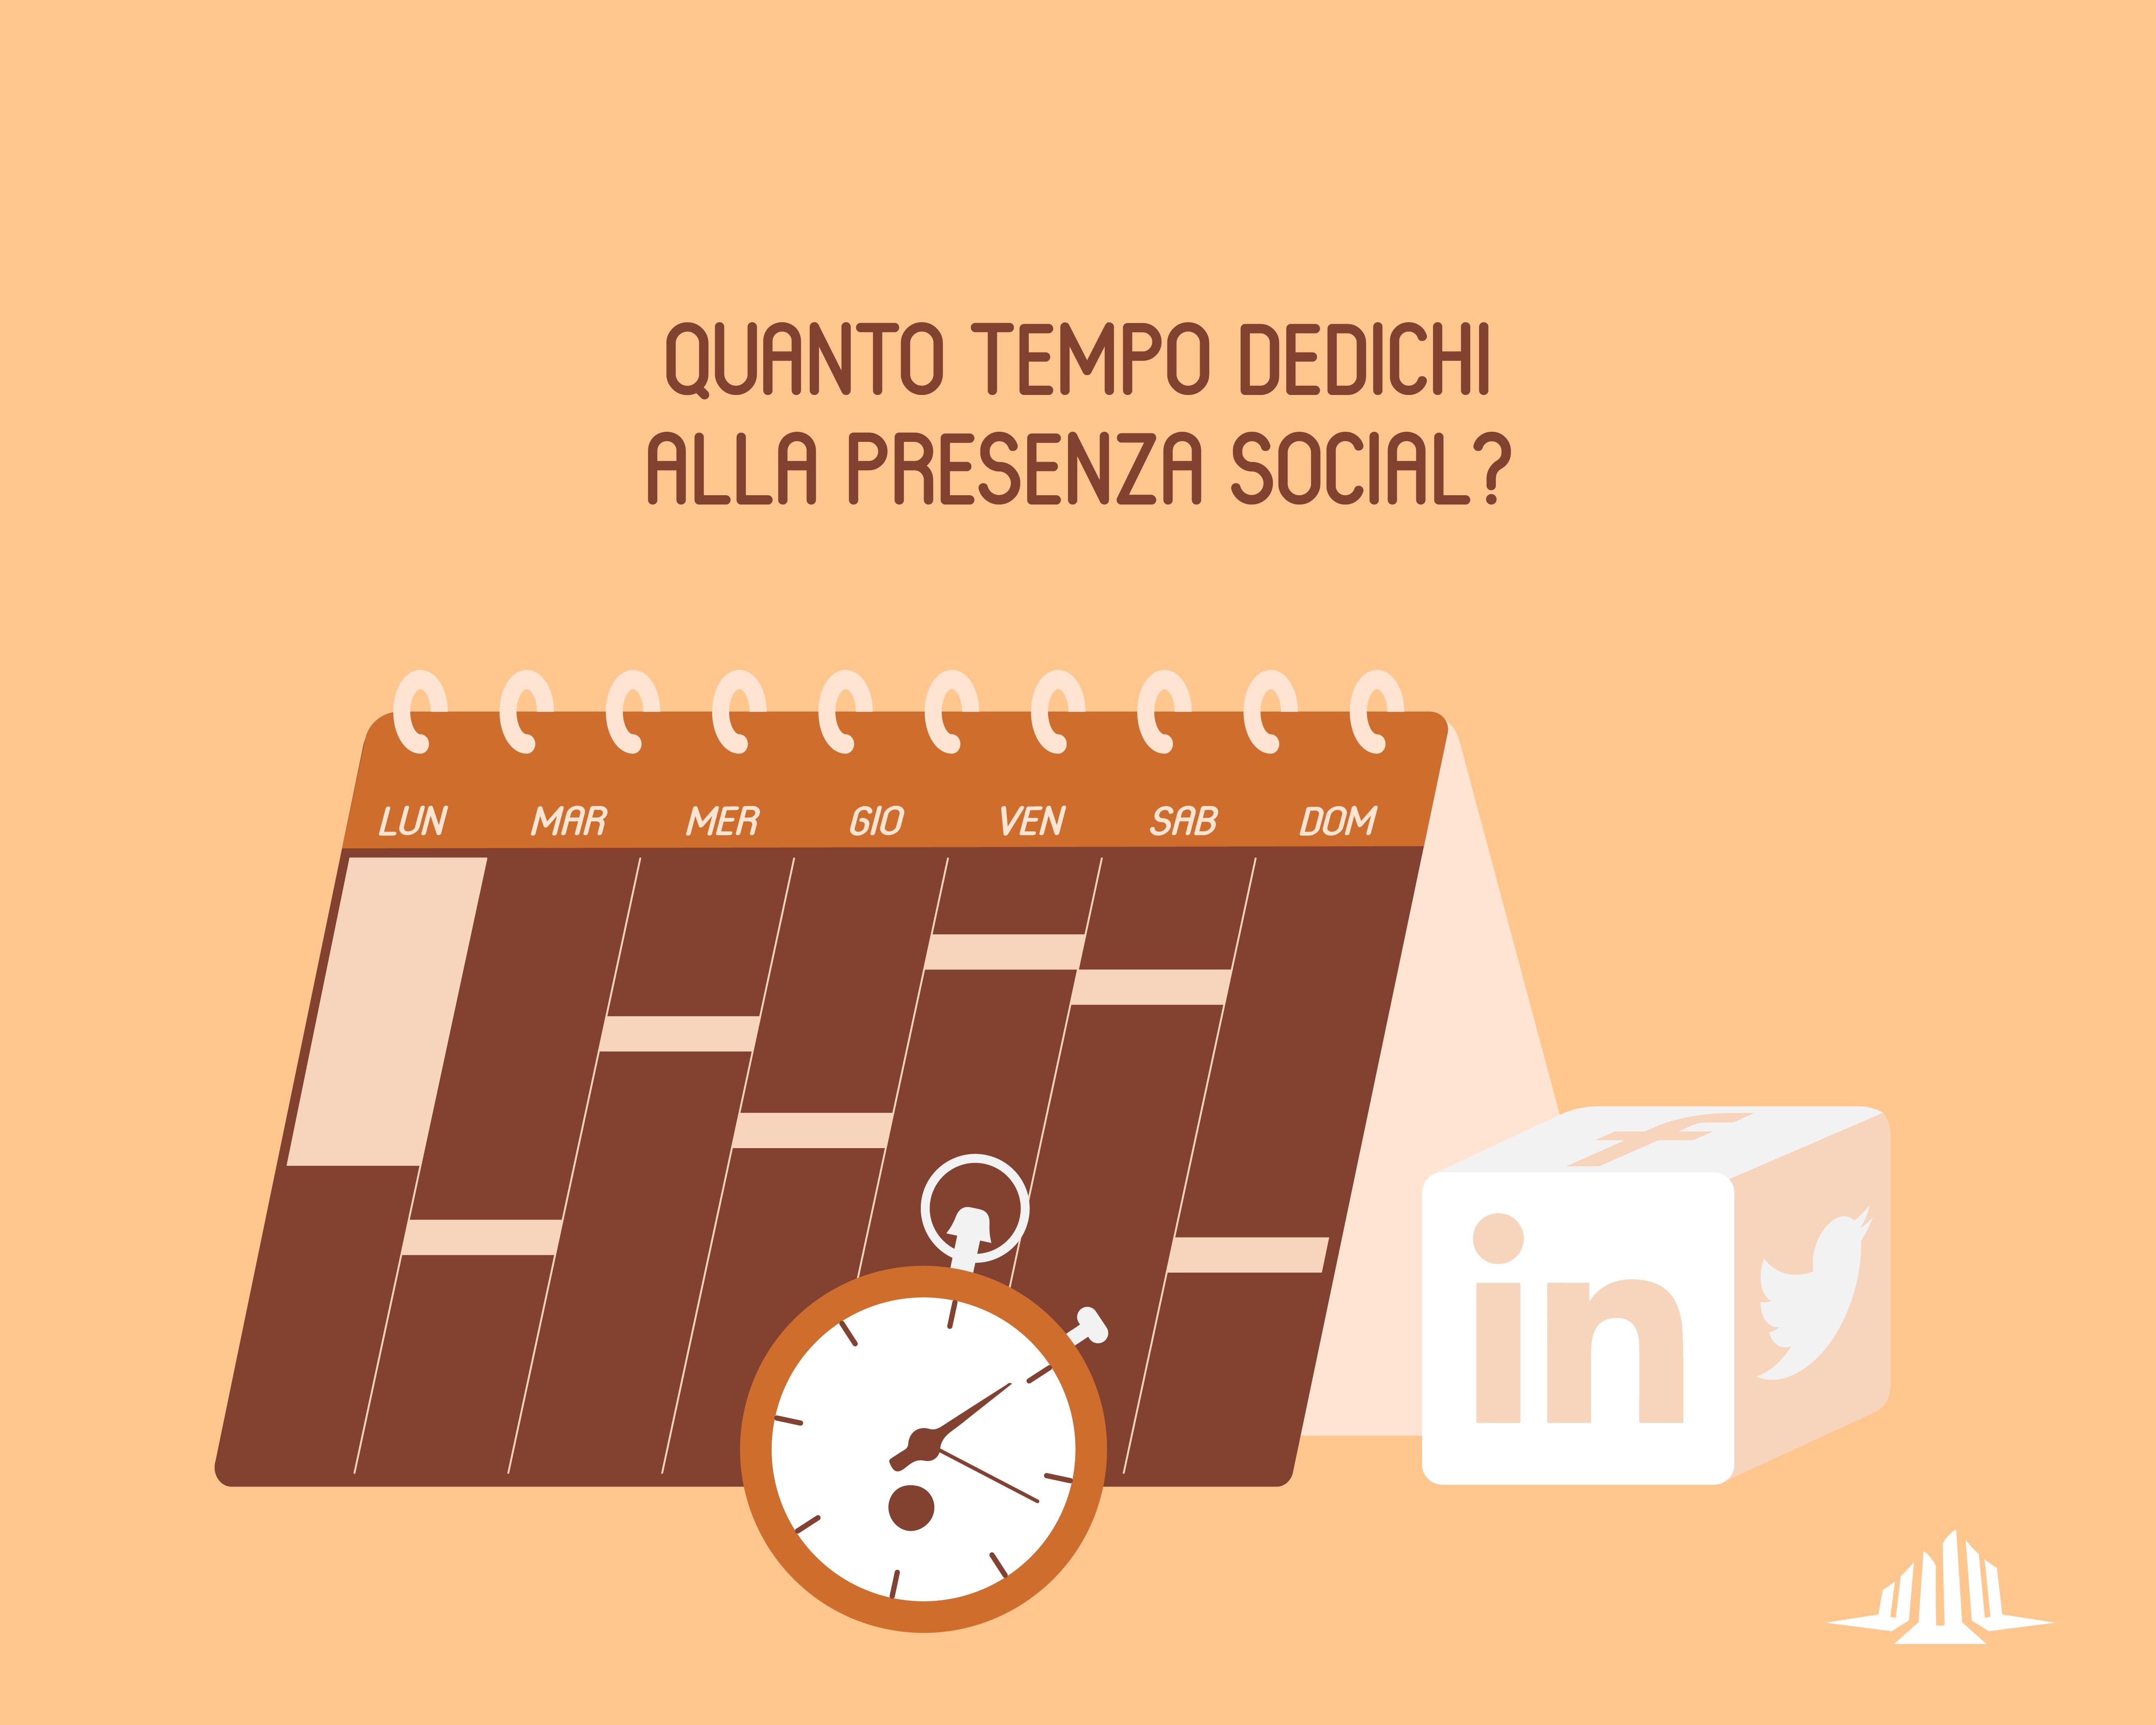 Quanto tempo dedichi alla presenza social?